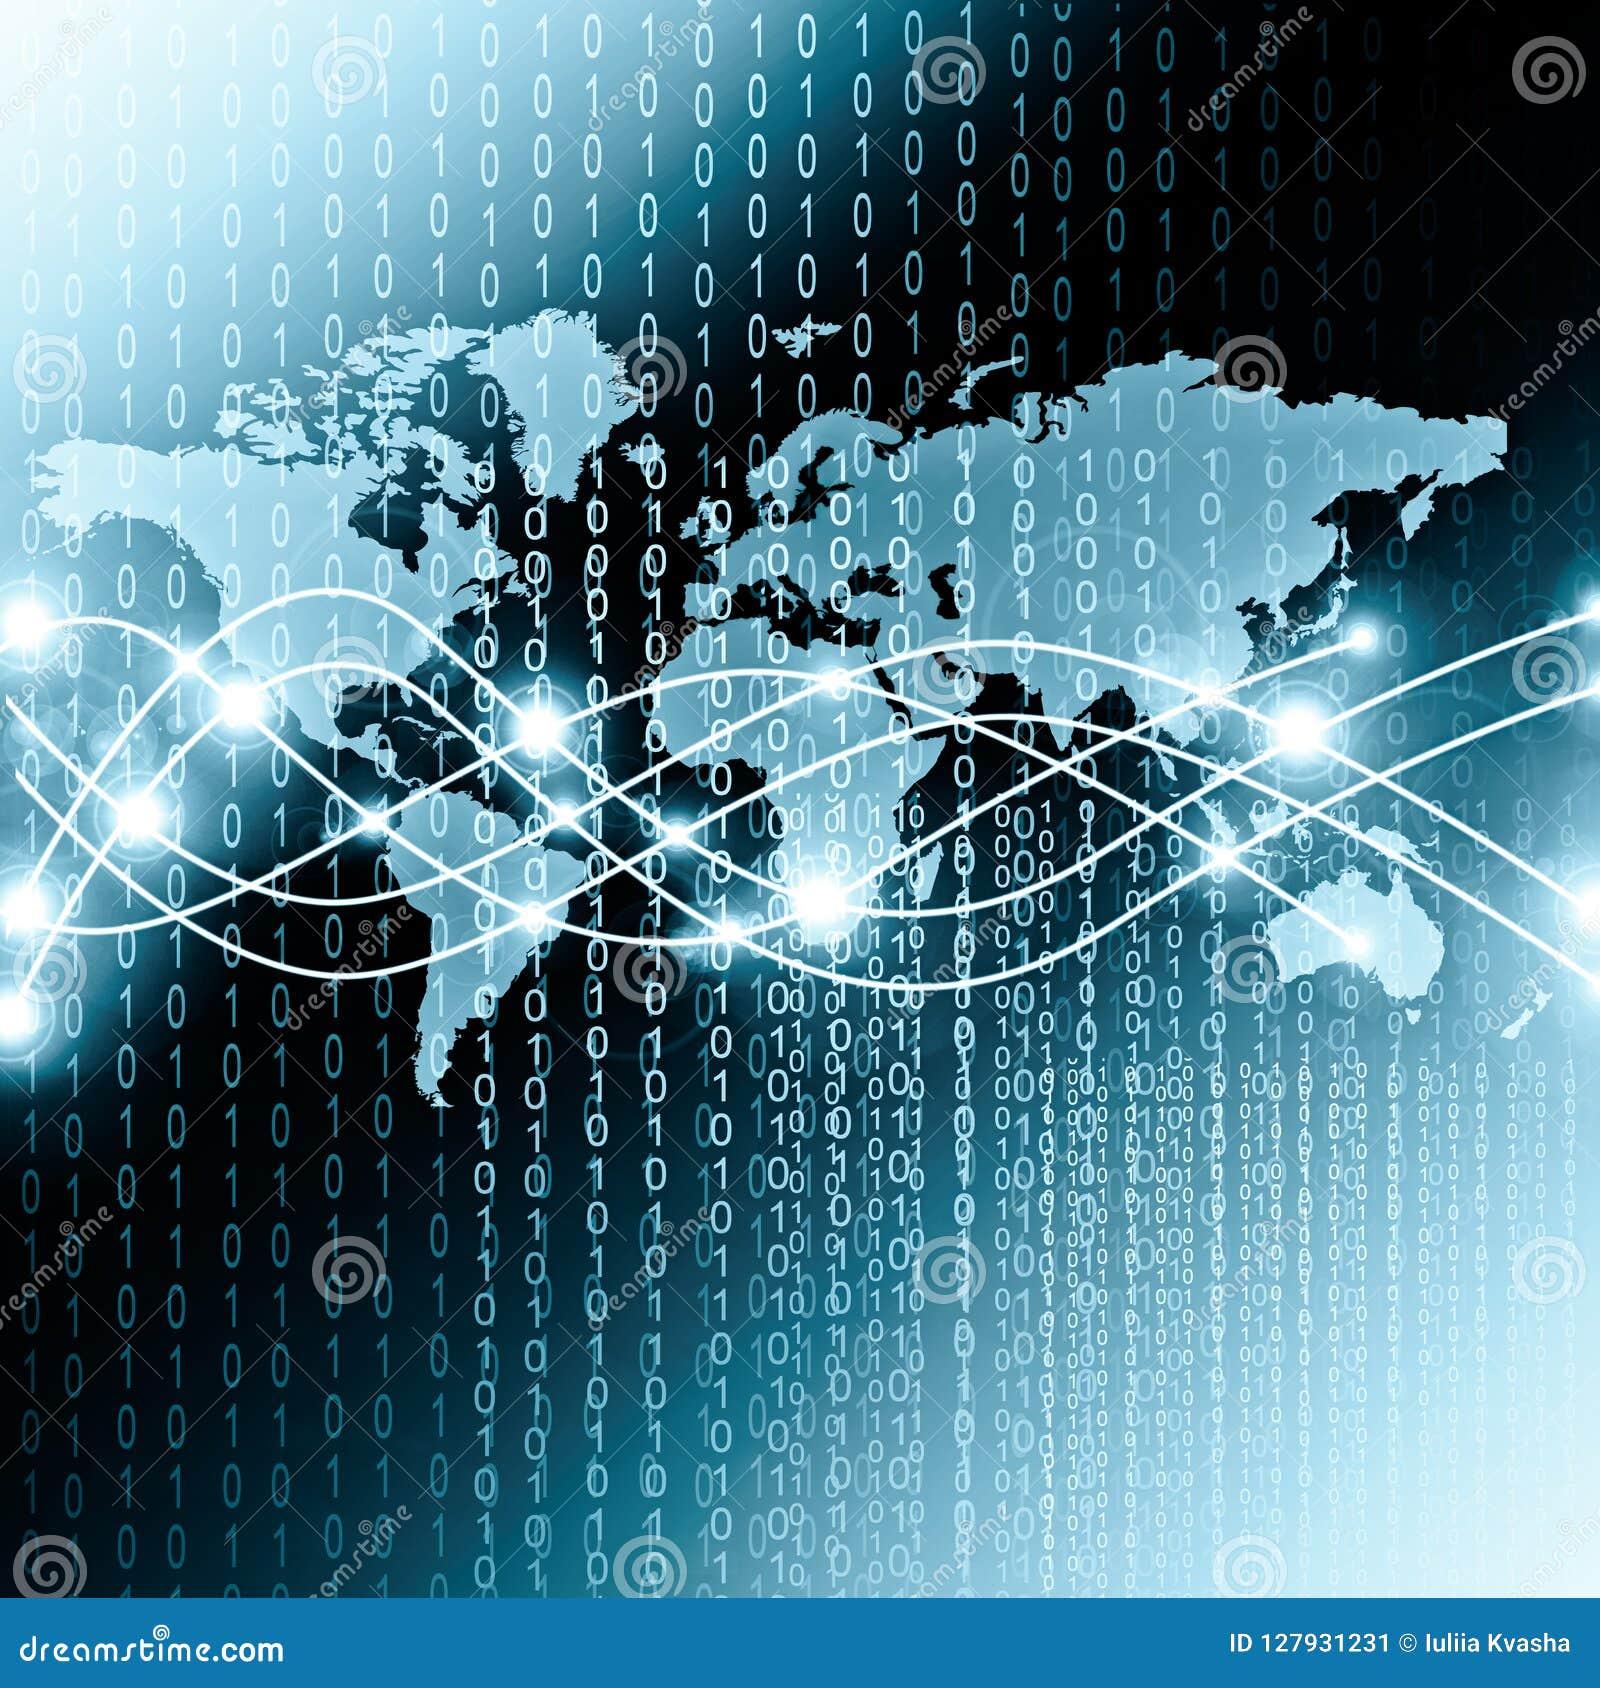 La mappa di mondo su un fondo tecnologico, emettente luce allinea i simboli di Internet, della radio, della televisione, del cell